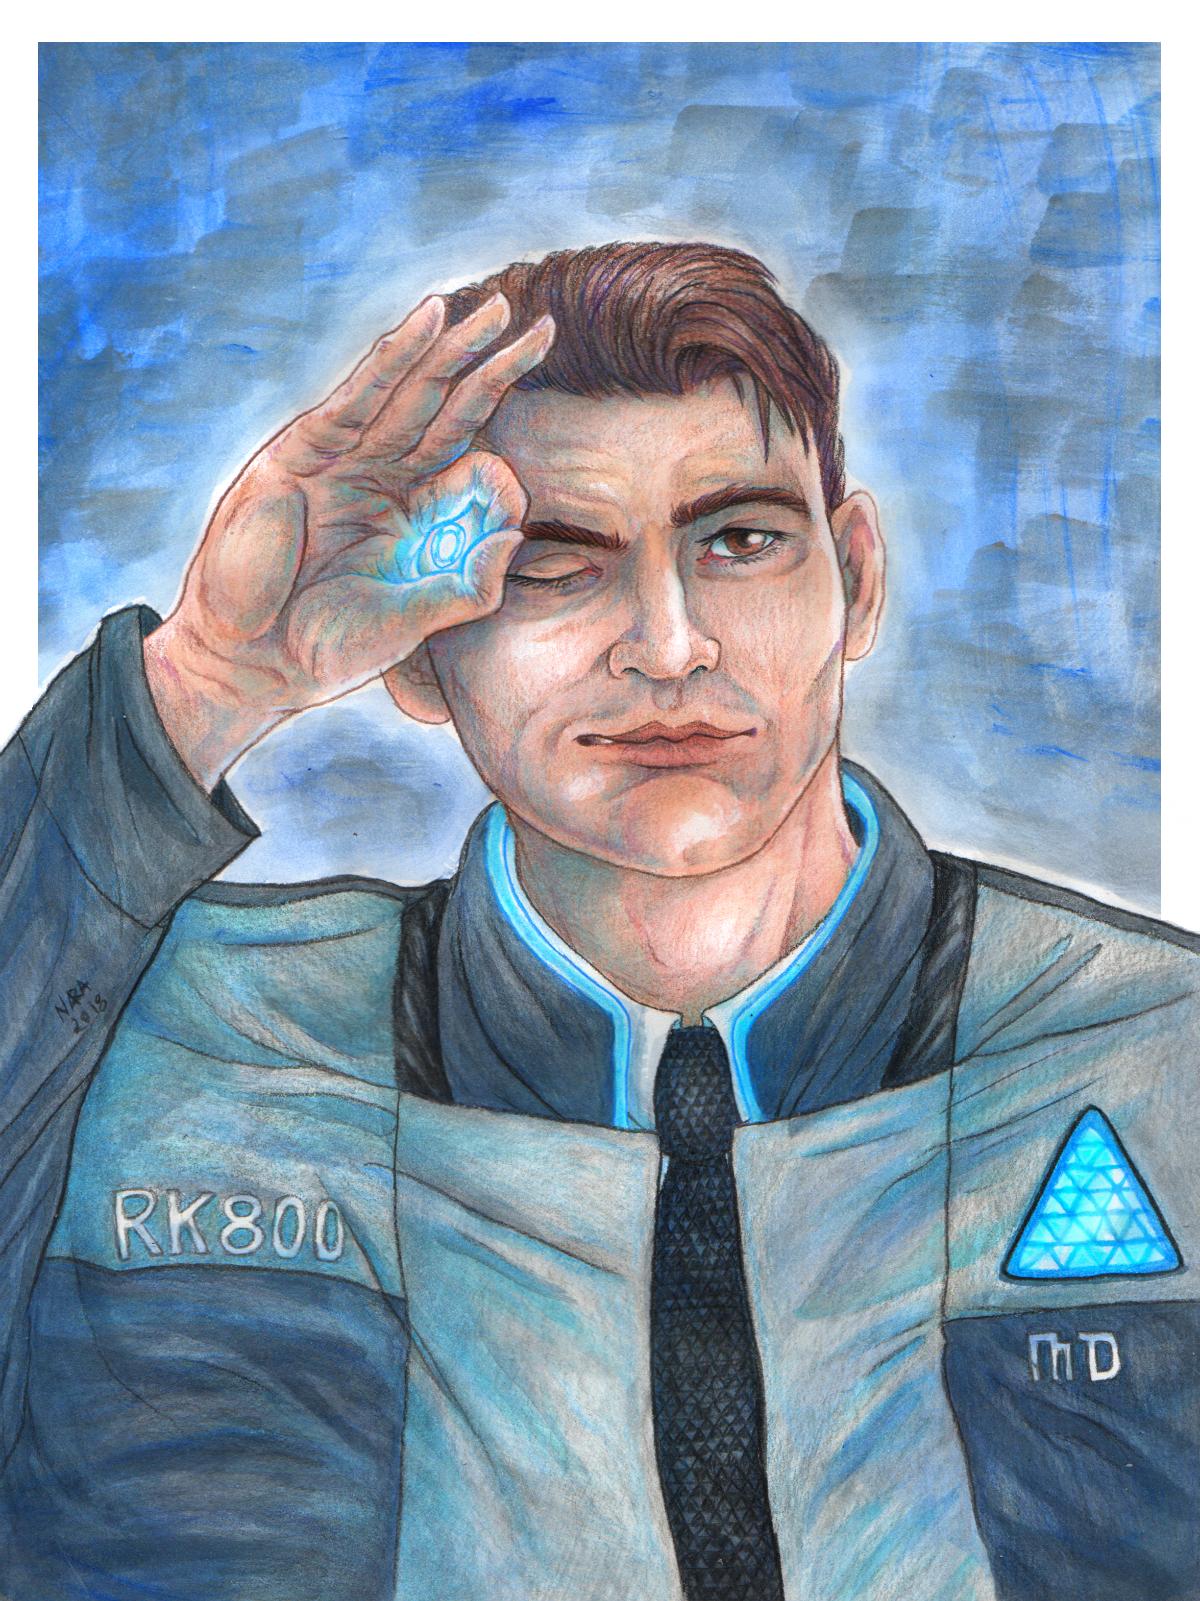 Connor uwu